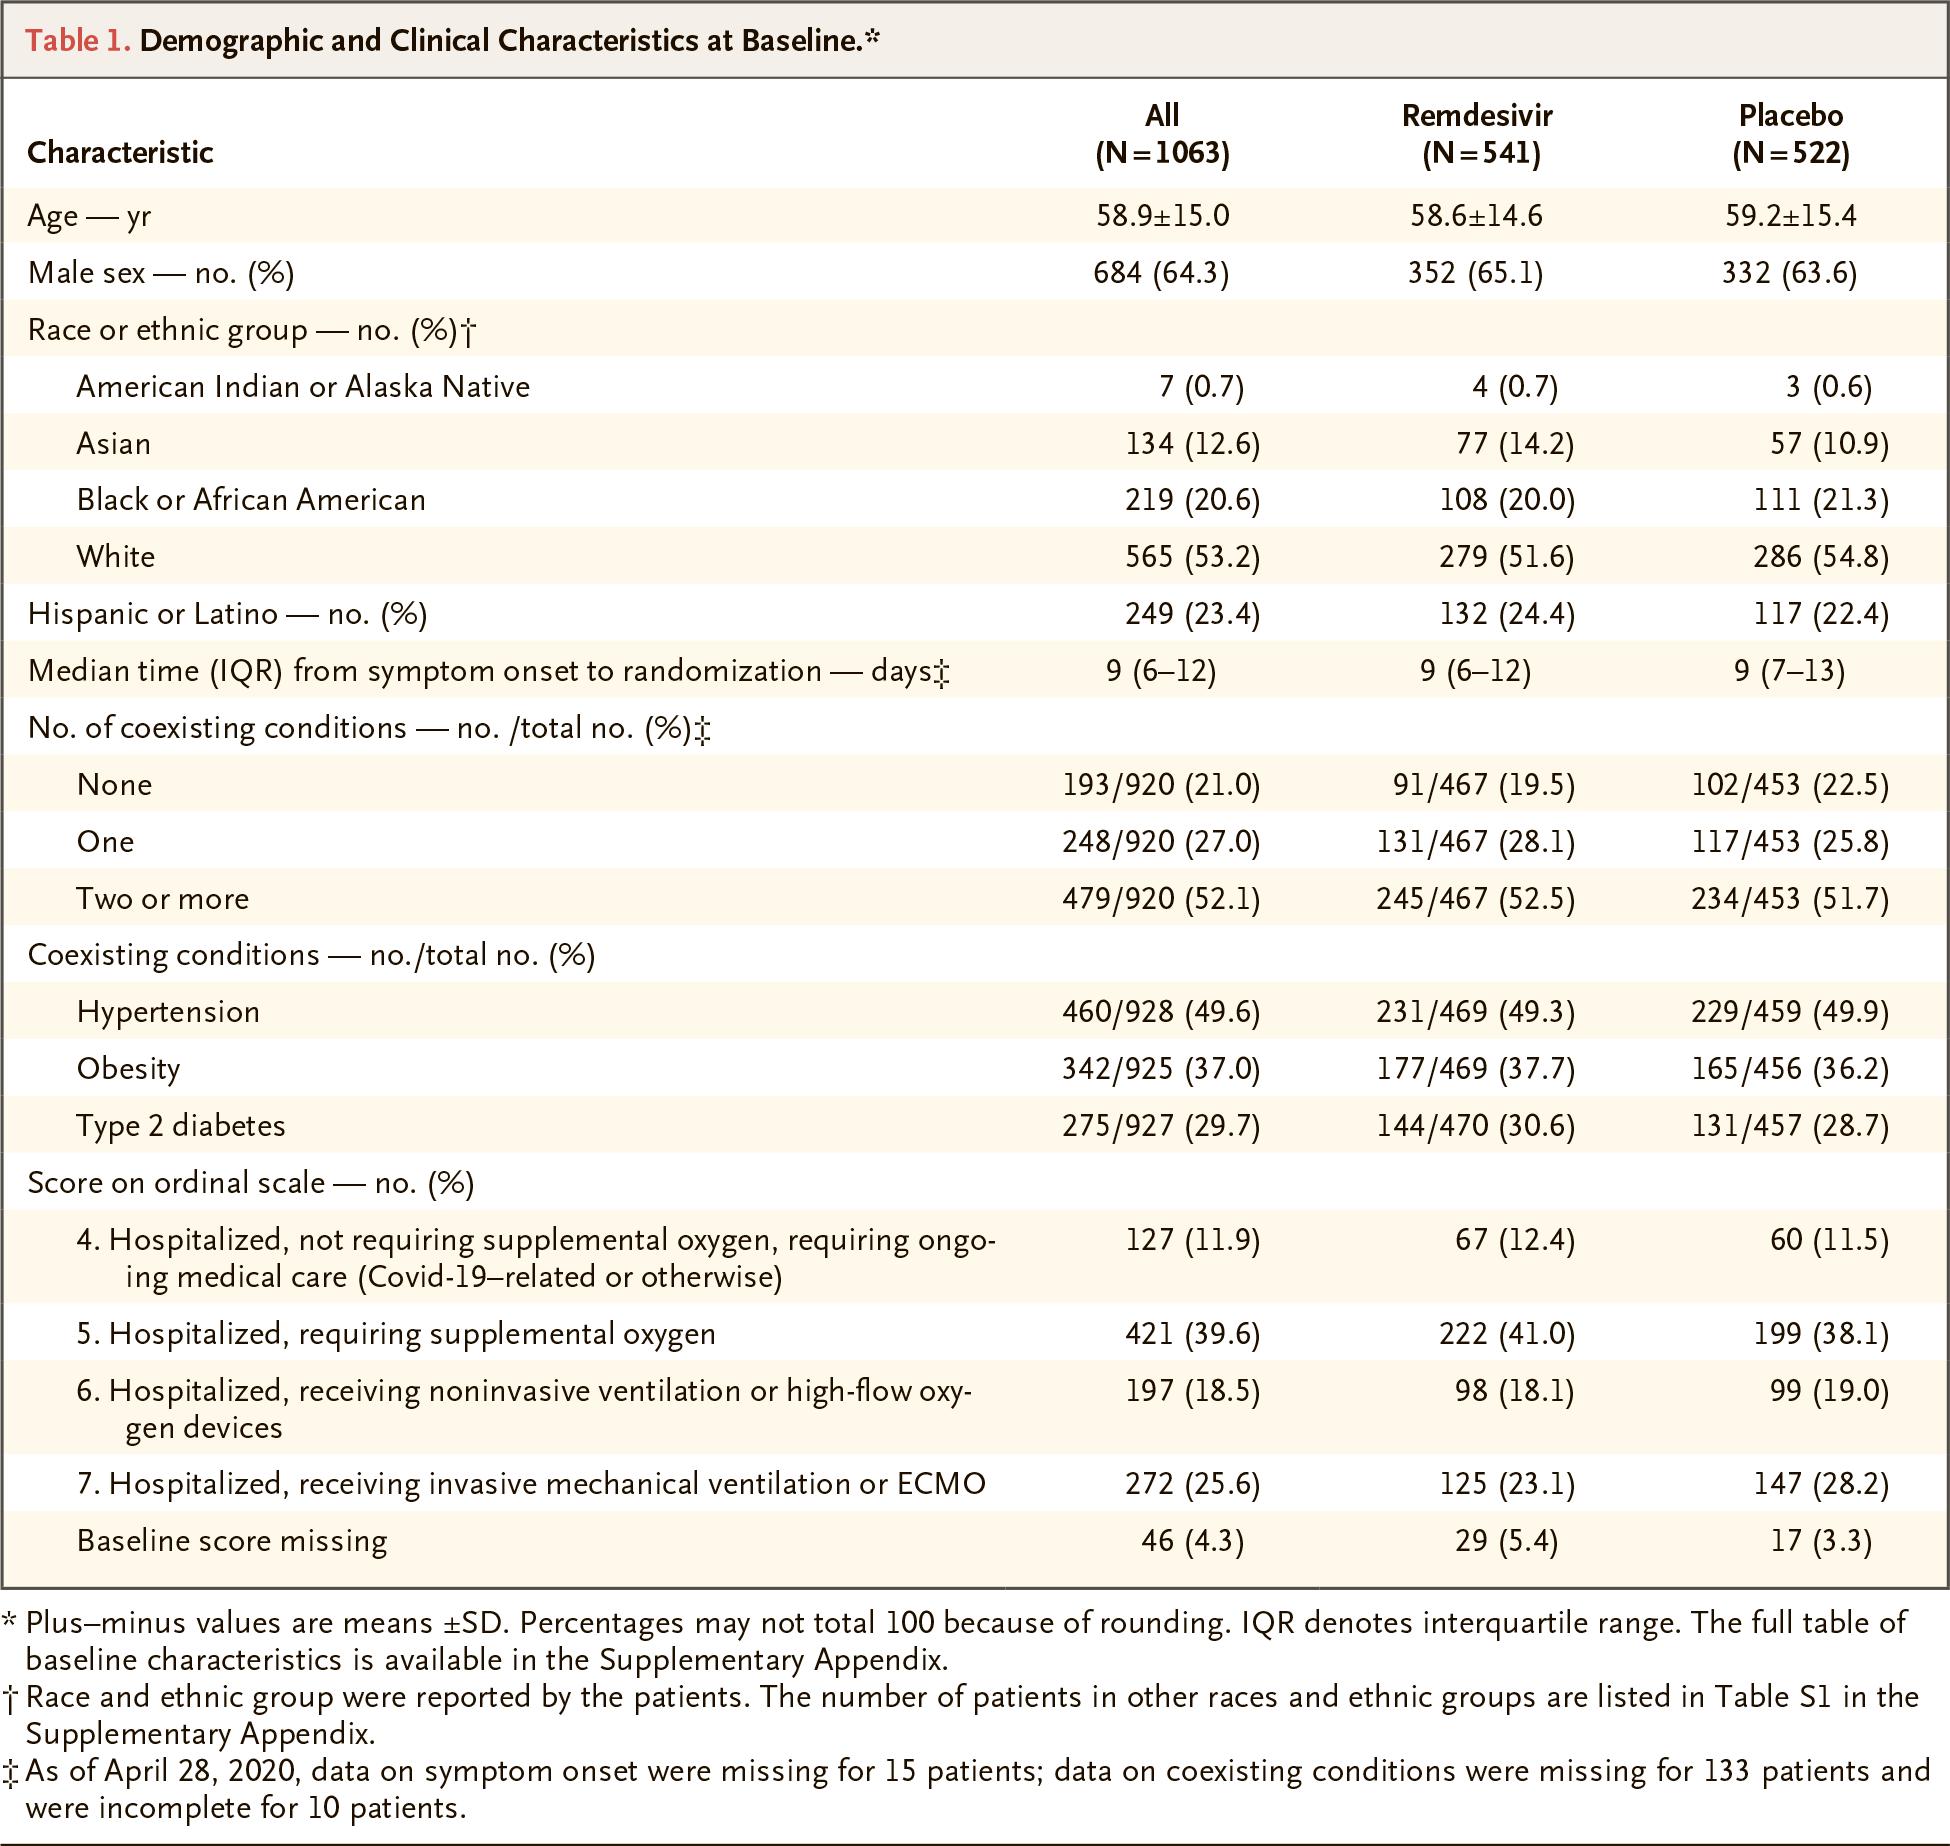 nct04280705 results 01 - Коронавирус. Лекарства. Ремдесивир ускорил выздоровление на треть